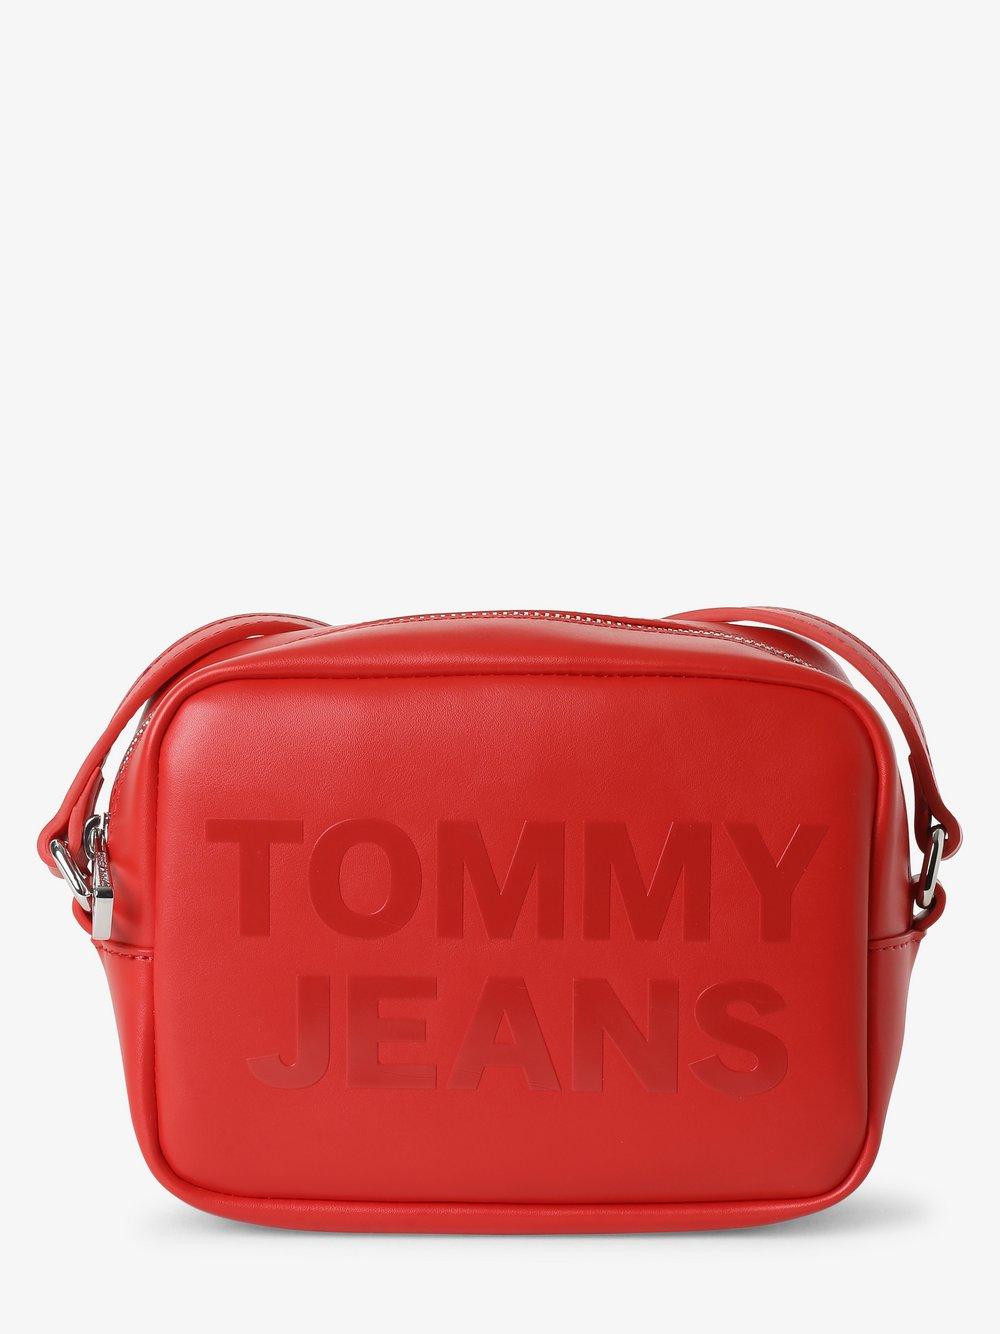 Tommy Jeans - Damska torebka na ramię, czerwony